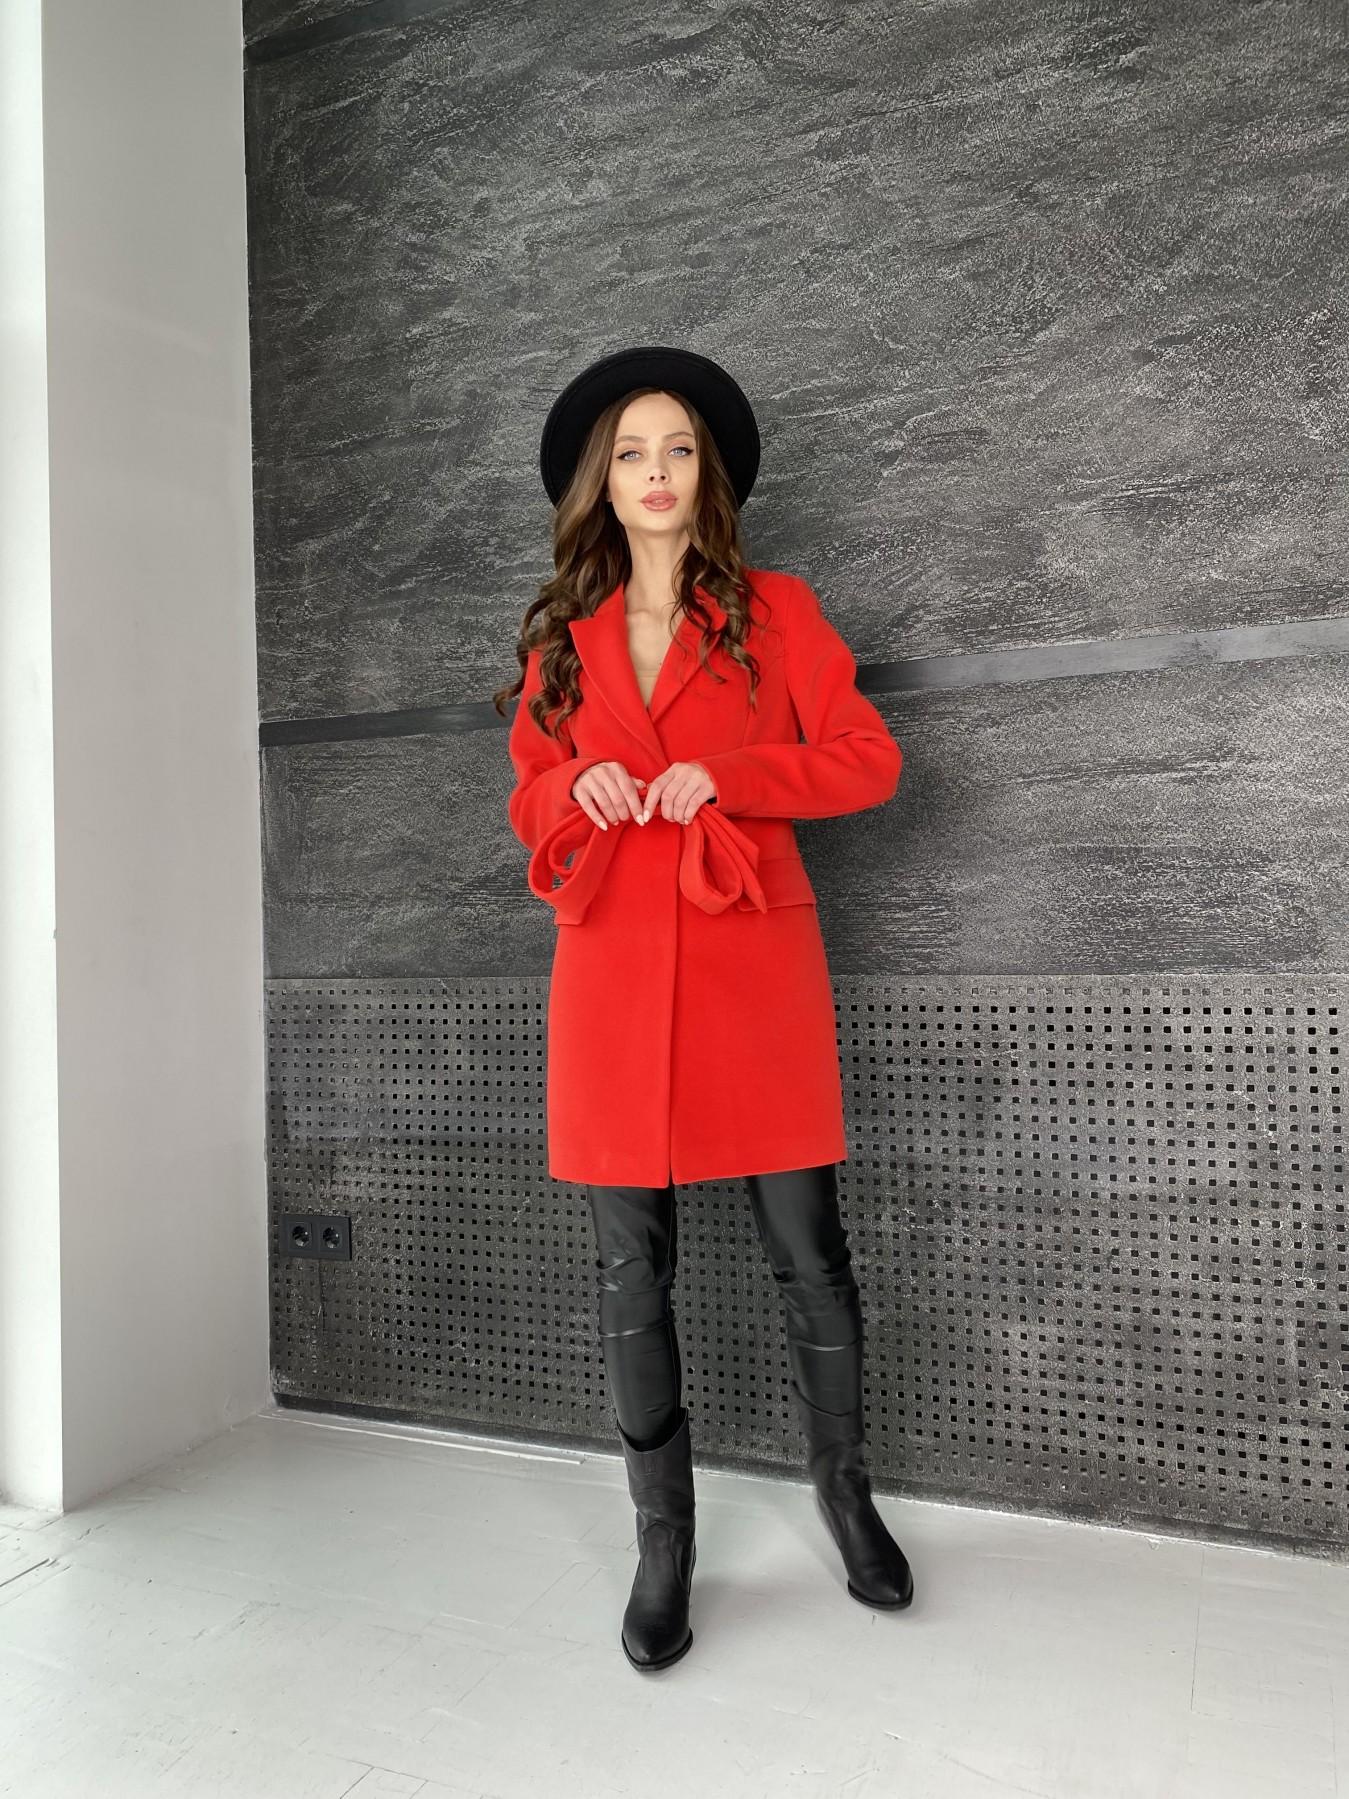 Корсипальто из гладкого кашемира 10893 АРТ. 47363 Цвет: Красный - фото 2, интернет магазин tm-modus.ru